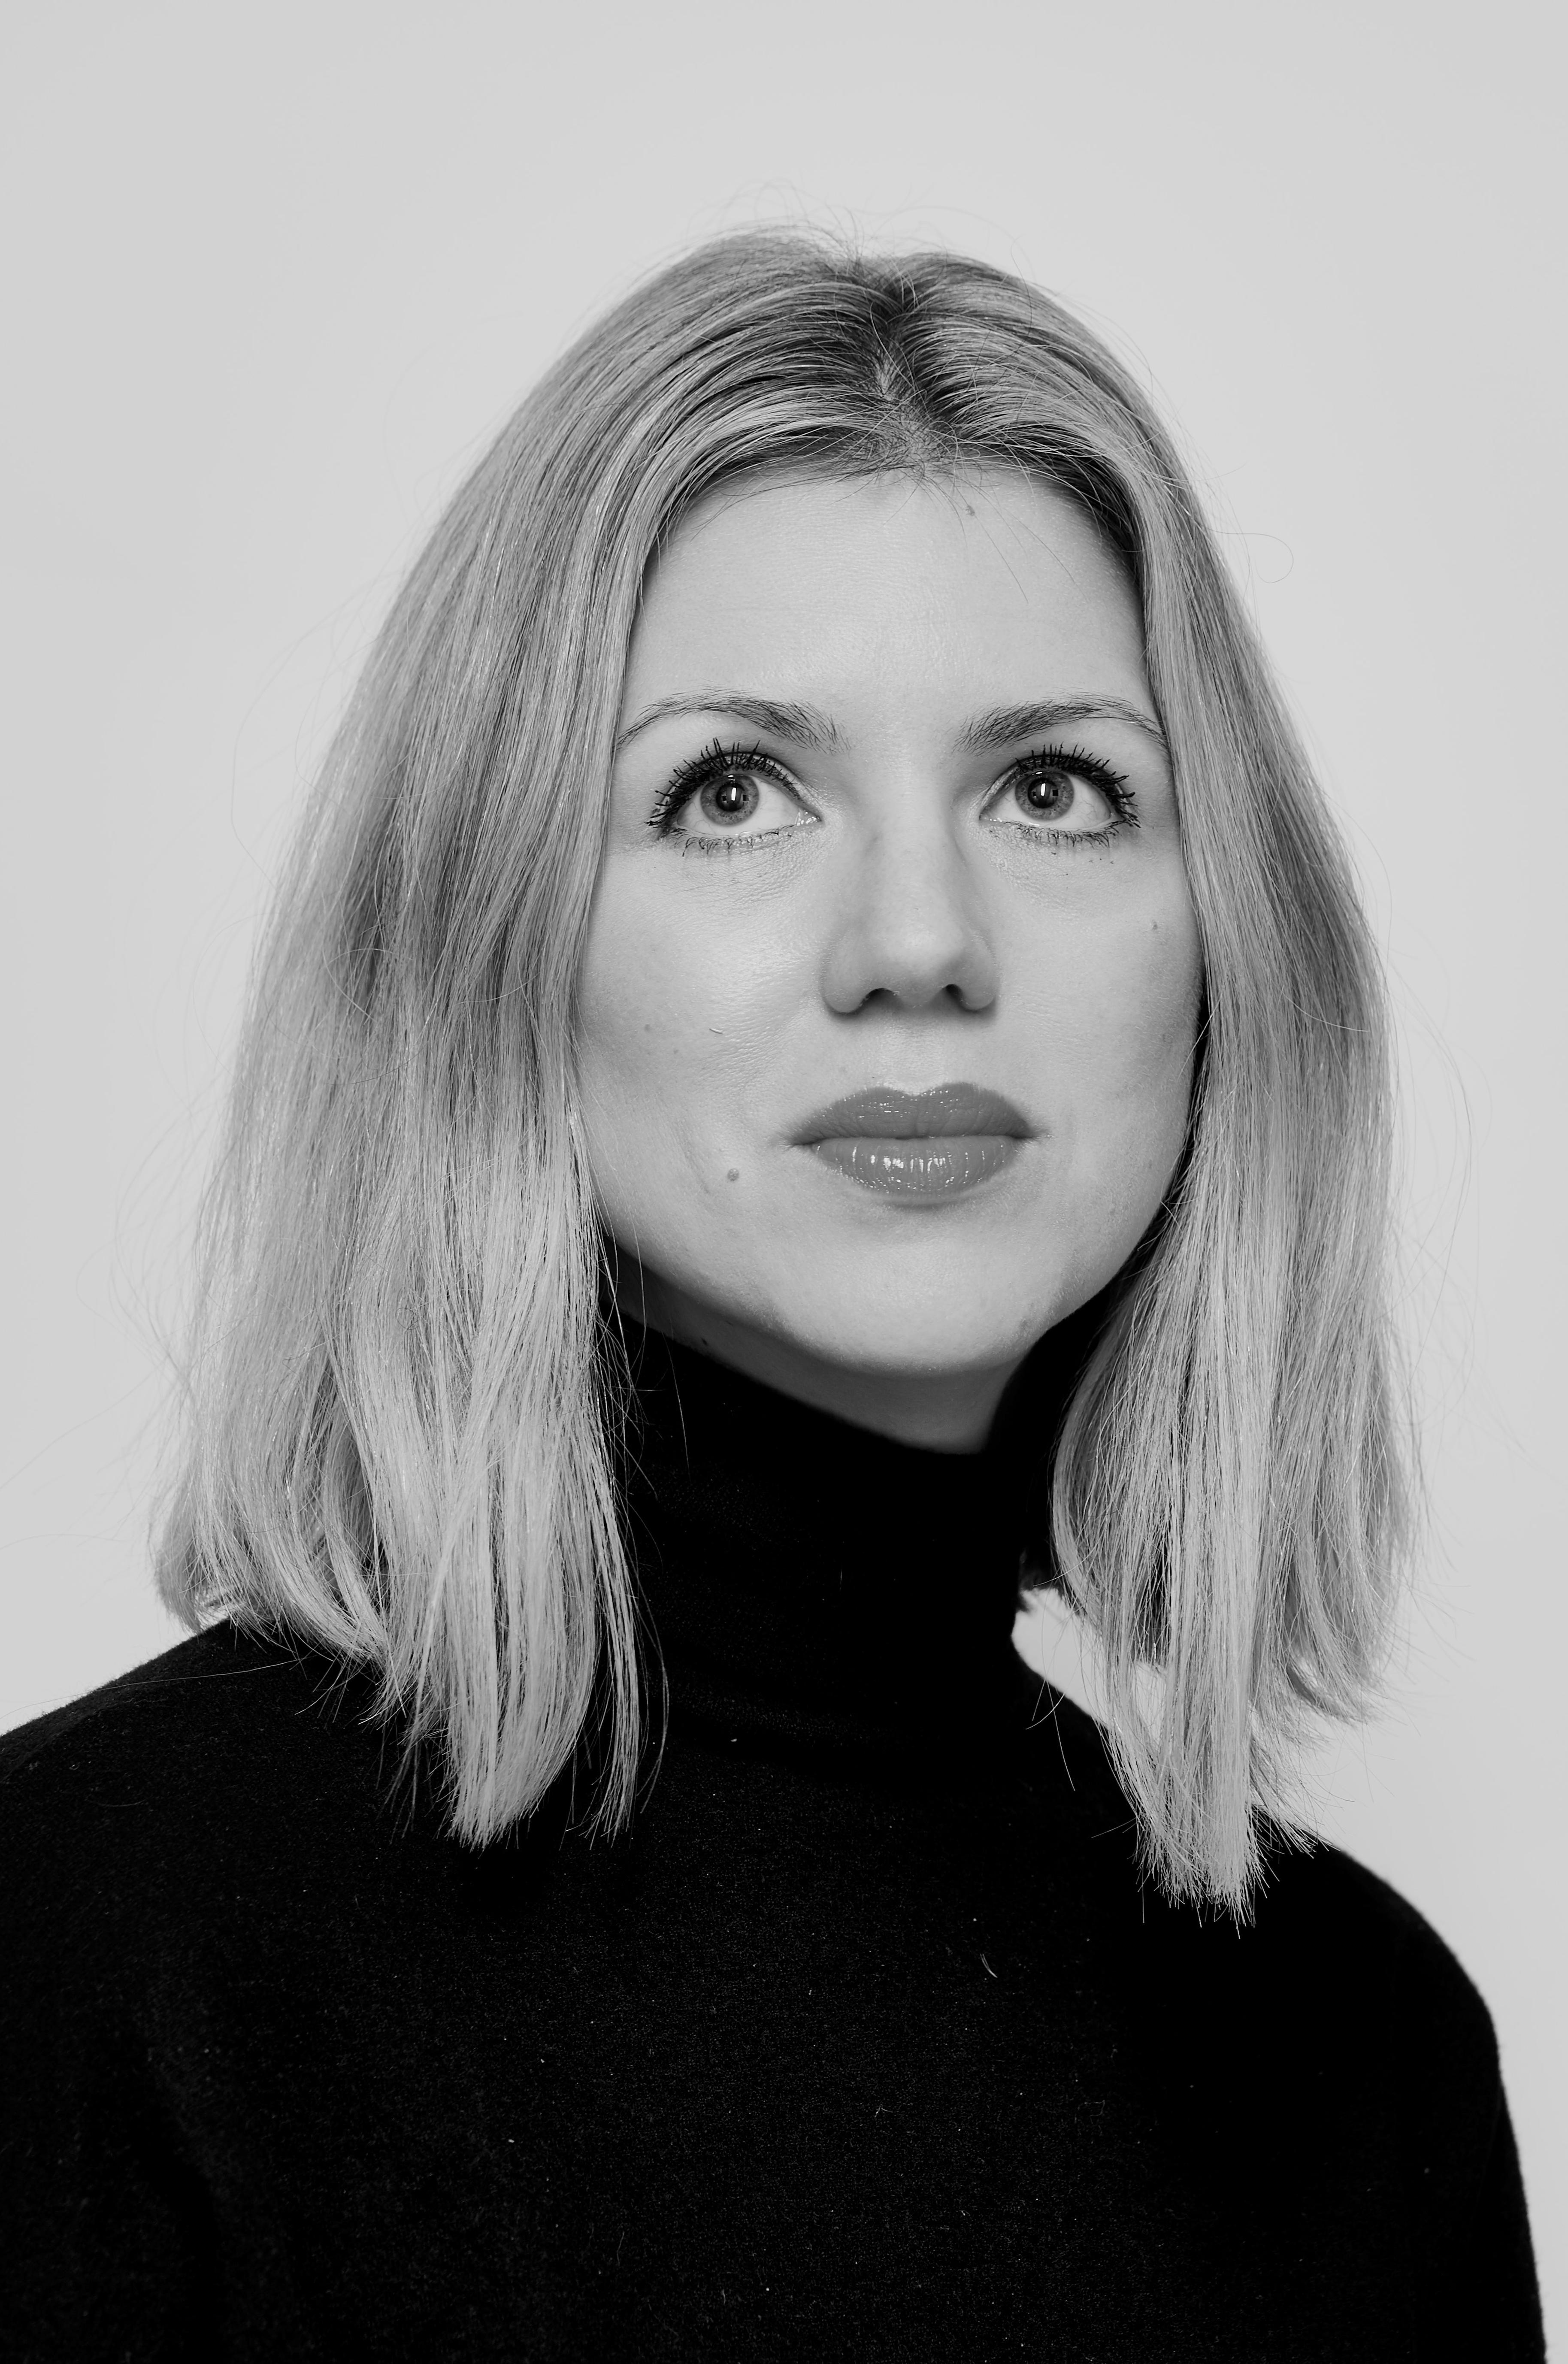 Niki Garner